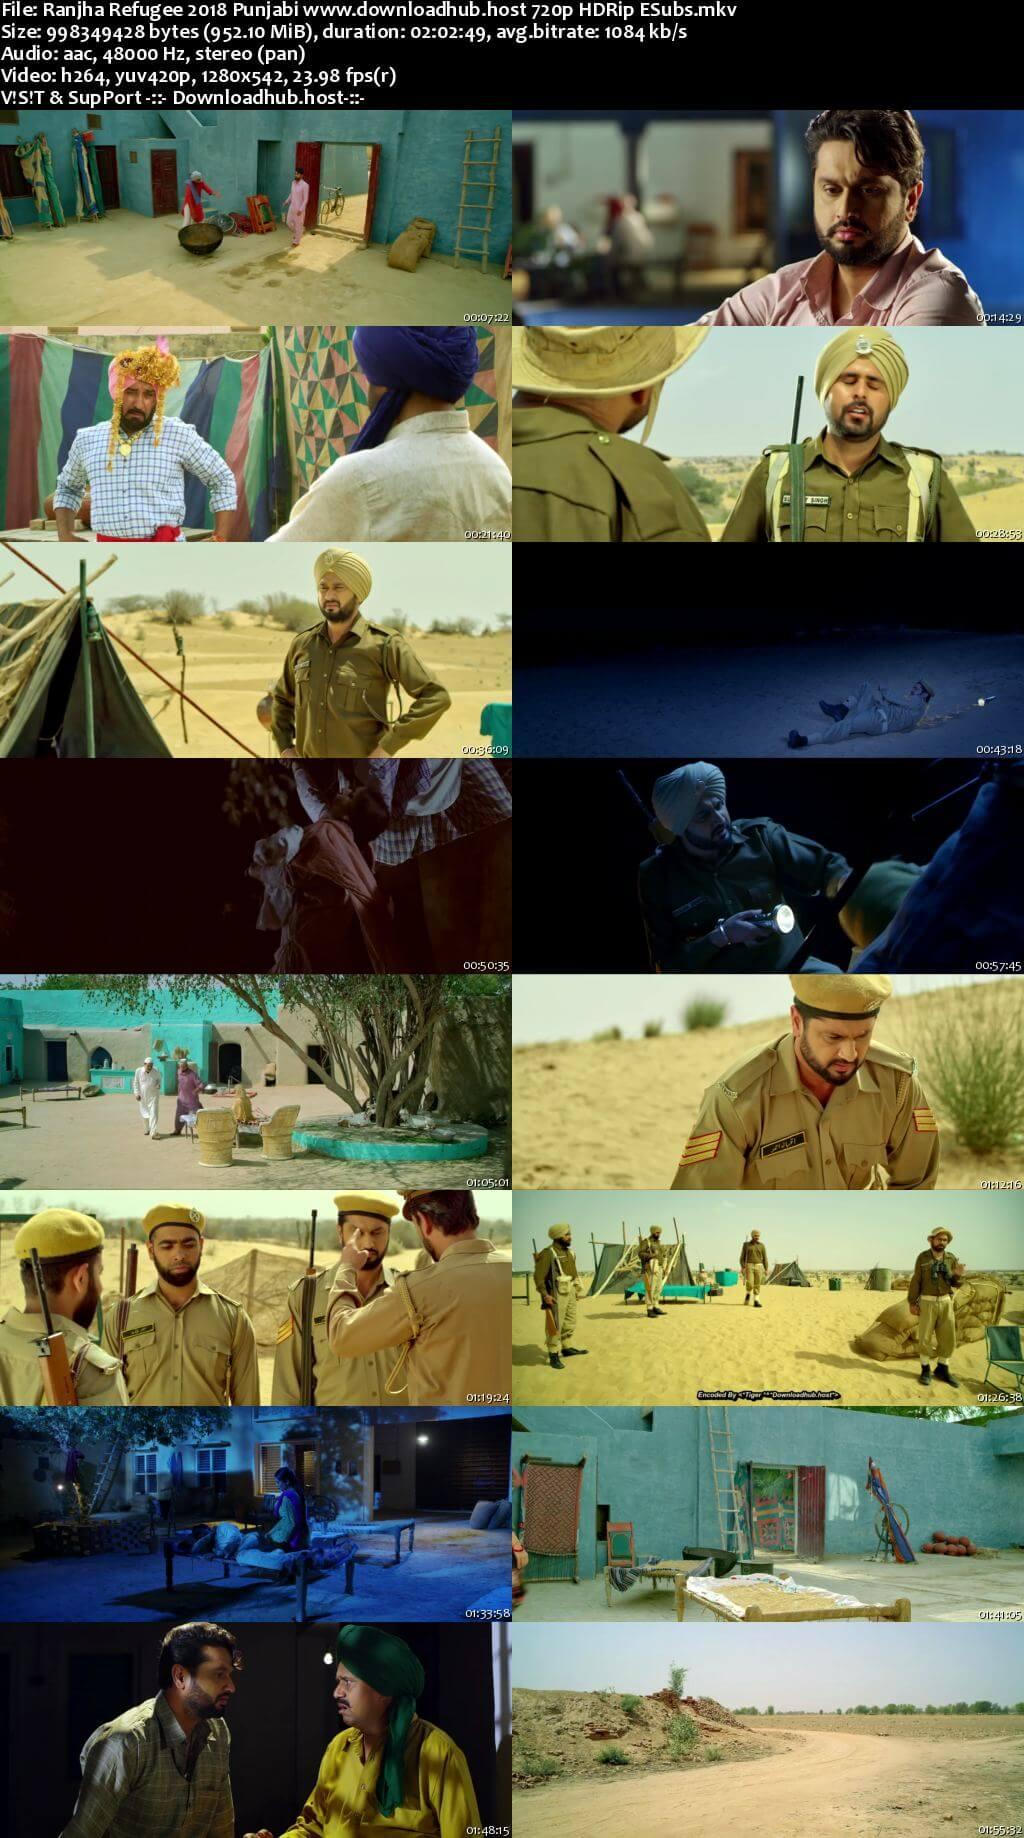 Ranjha Refugee 2018 Punjabi 720p HDRip ESubs